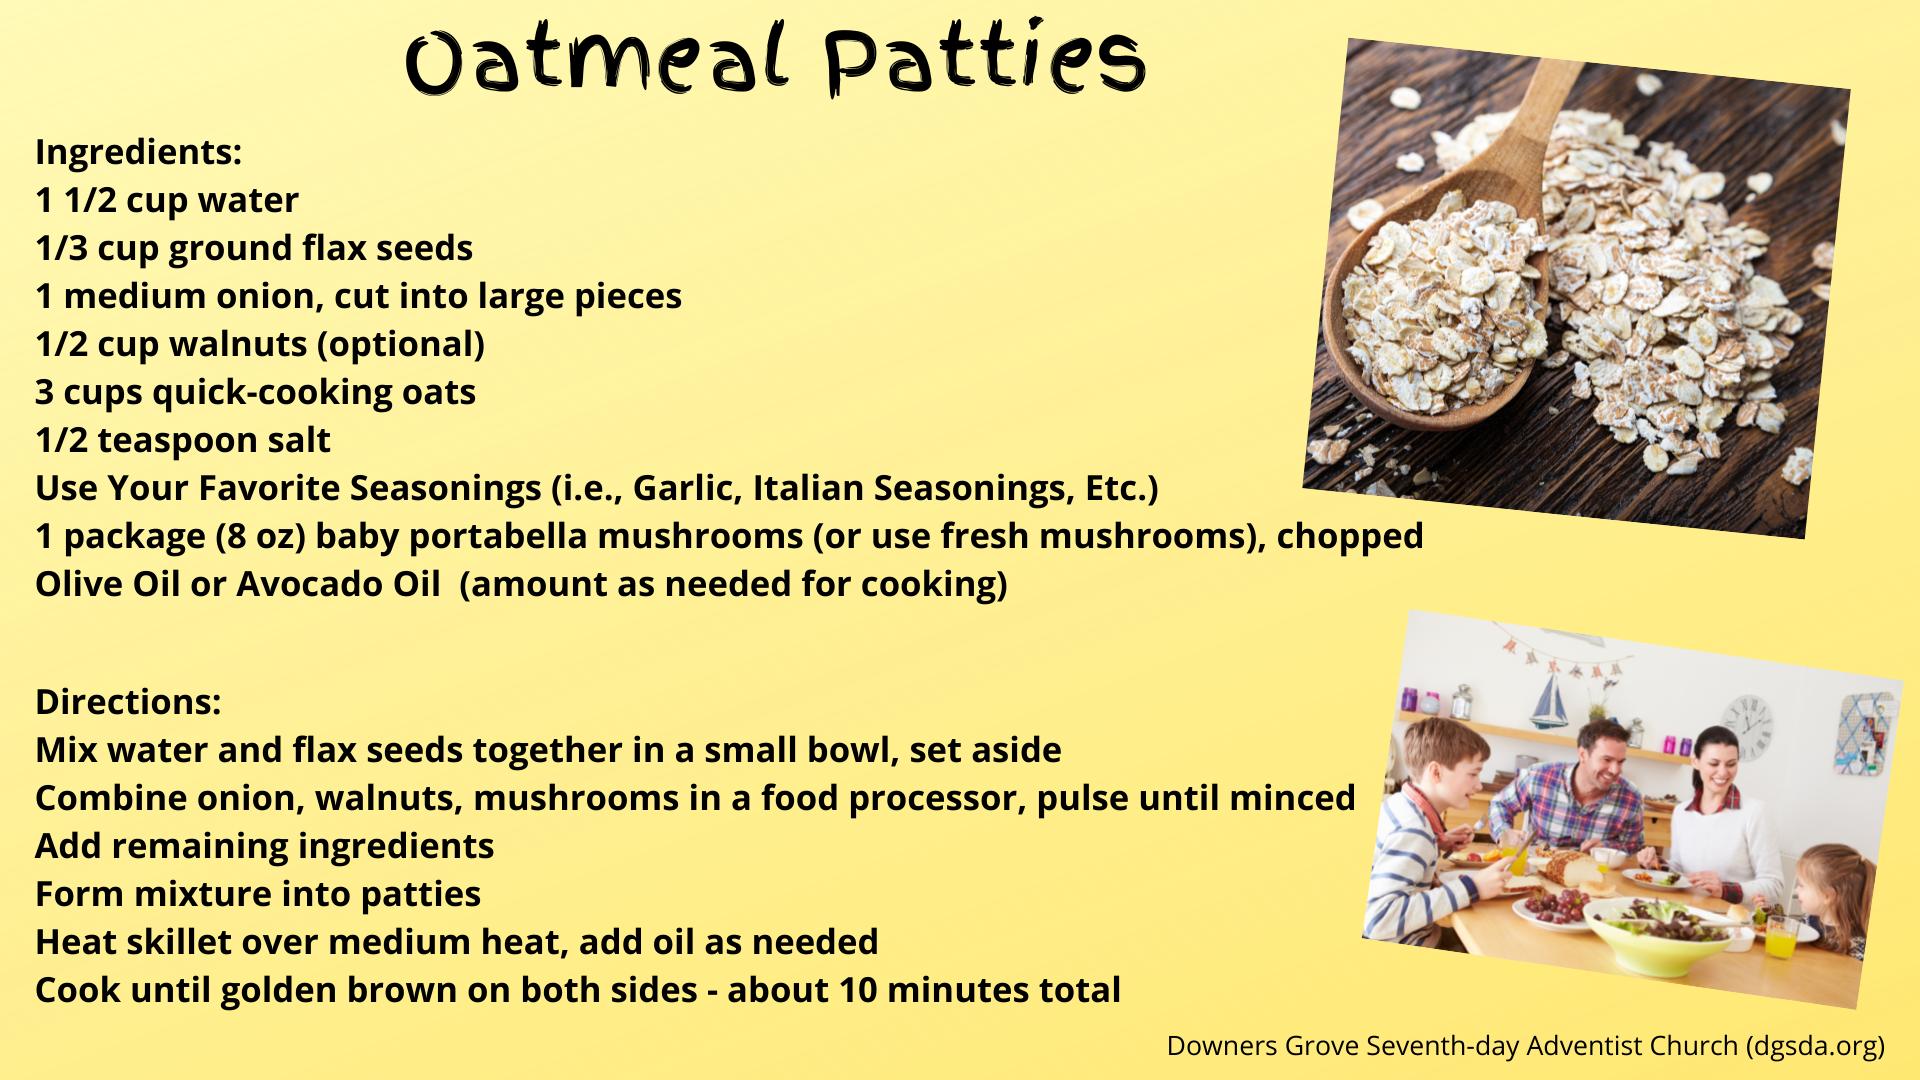 Oatmeal Patties